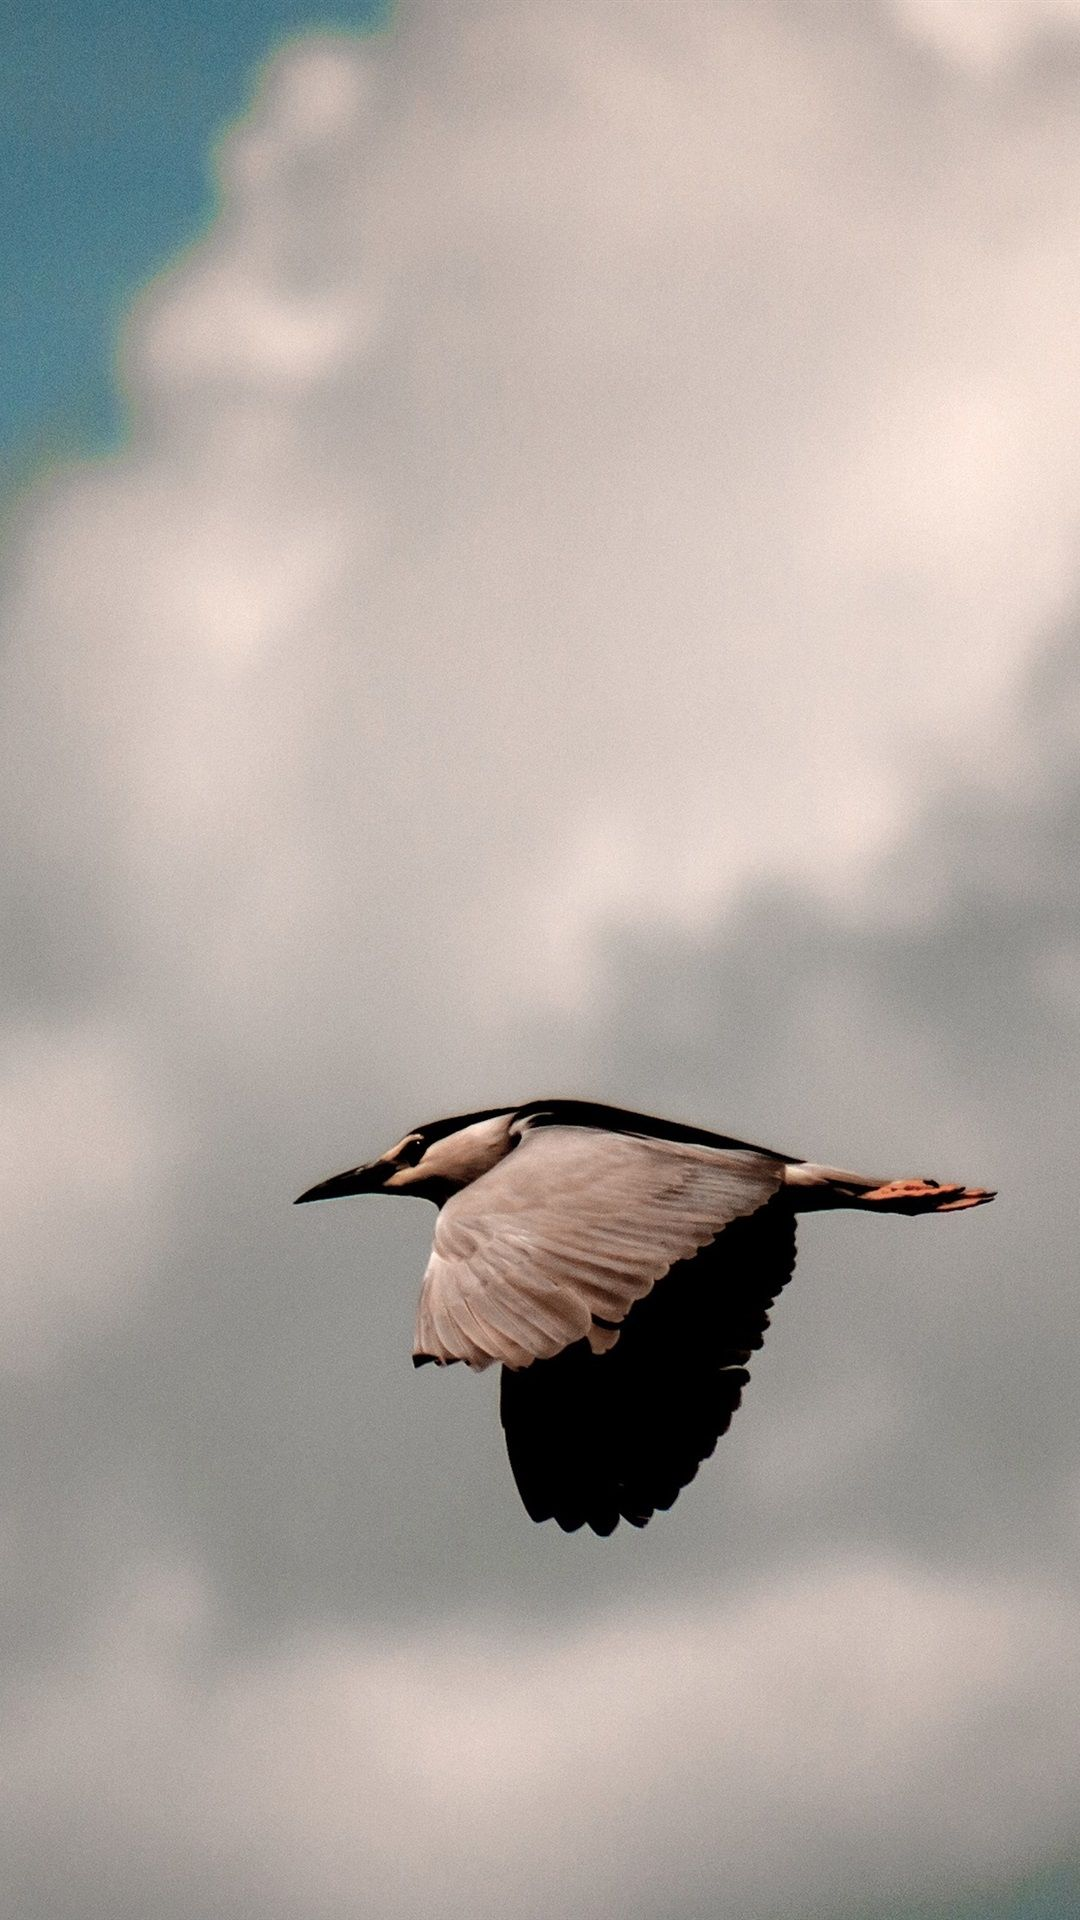 Flying Bird Wallpaper Hd Birds Wallpaper Hd Bird Wallpaper Birds Flying